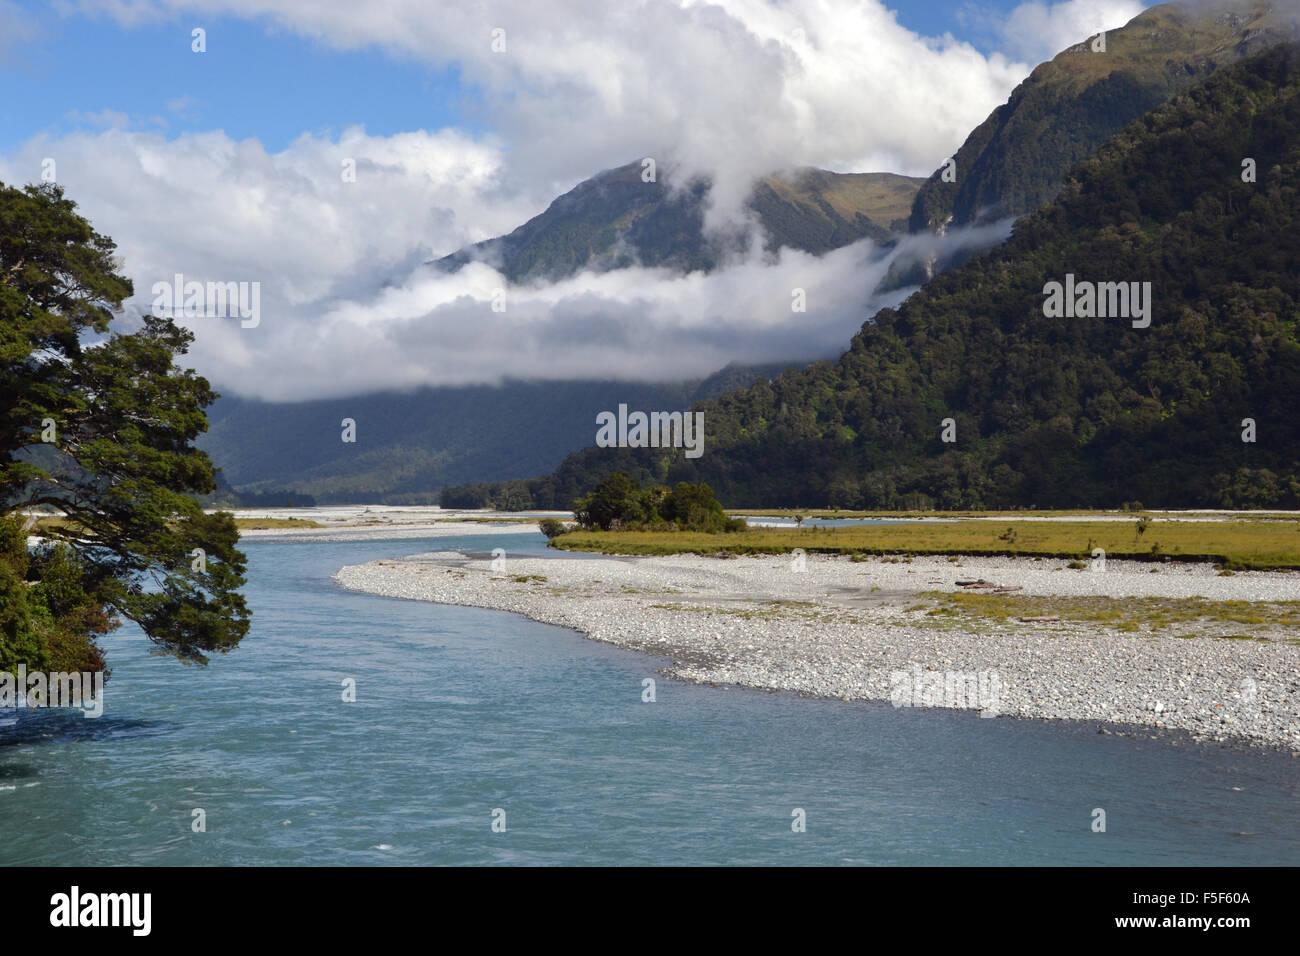 """Nuova Zelanda o Aotearoa, """"la terra della lunga nuvola bianca"""" in Maori e un fiume, Isola del Sud, Nuova Immagini Stock"""